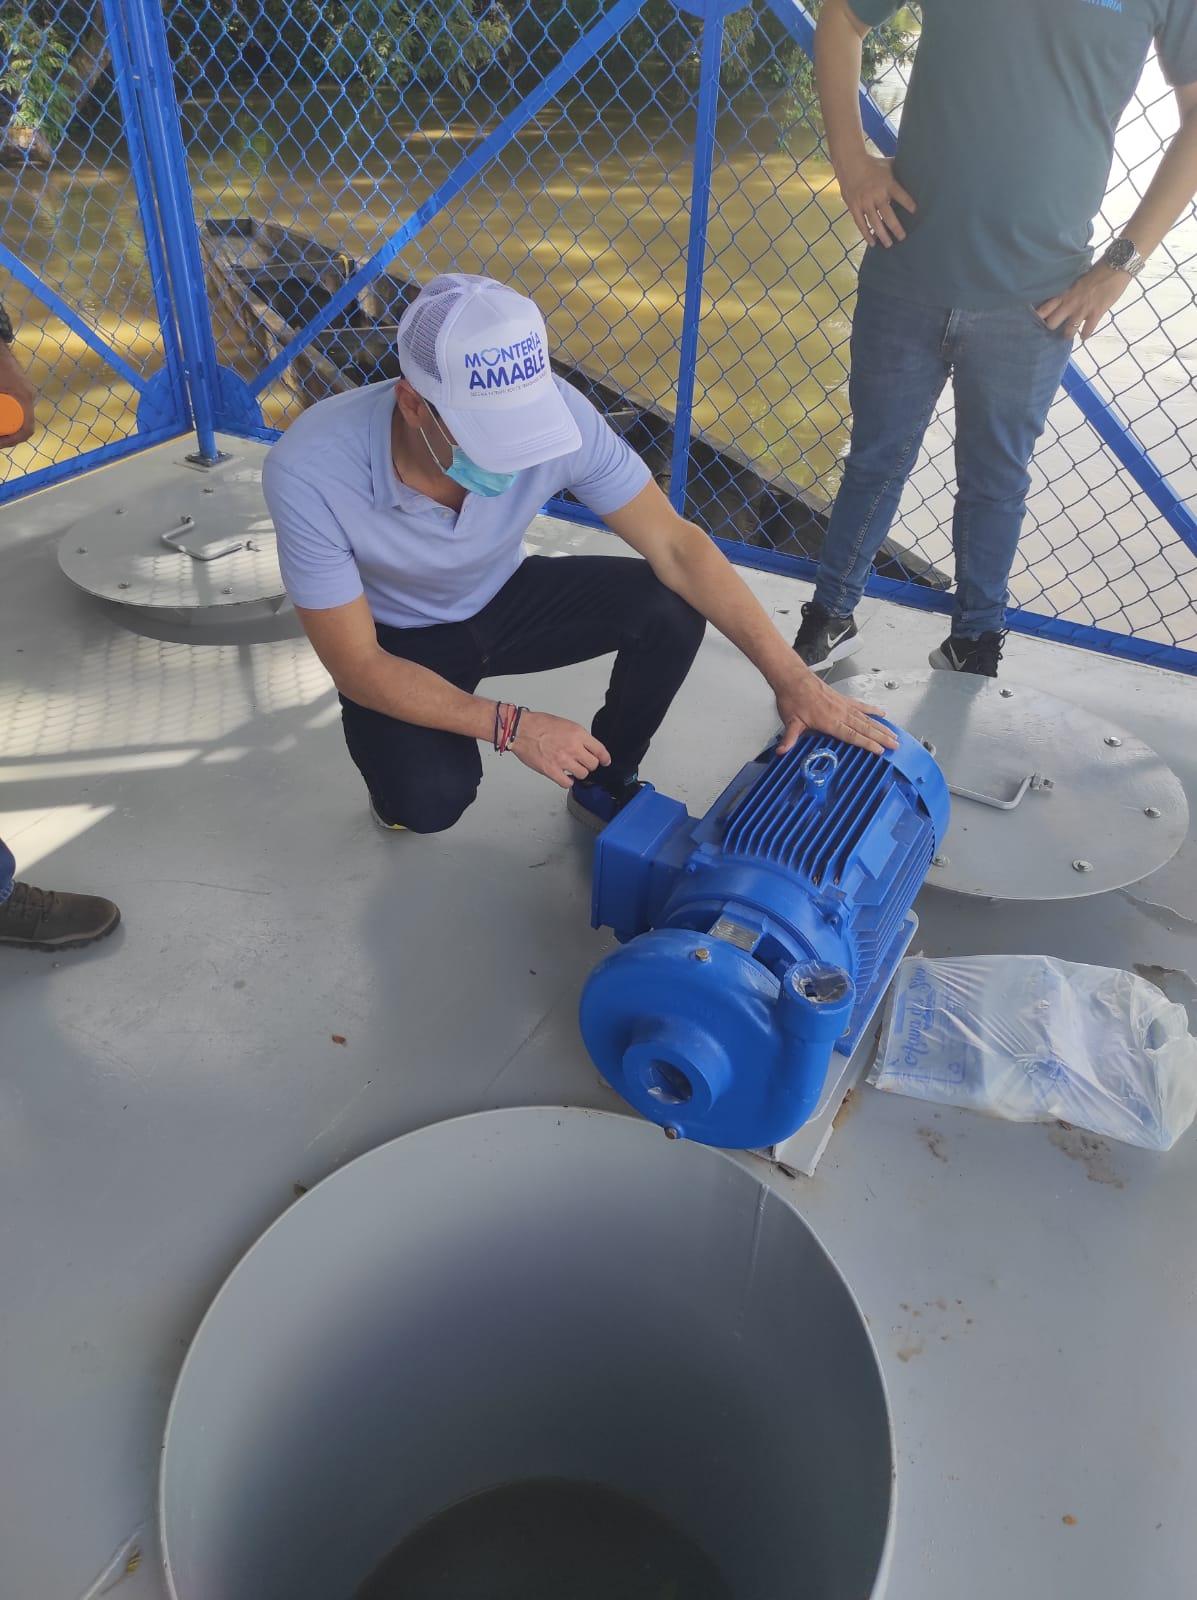 El próximo mes inician pruebas para operación del acueducto de San Isidro y San Anterito en Montería